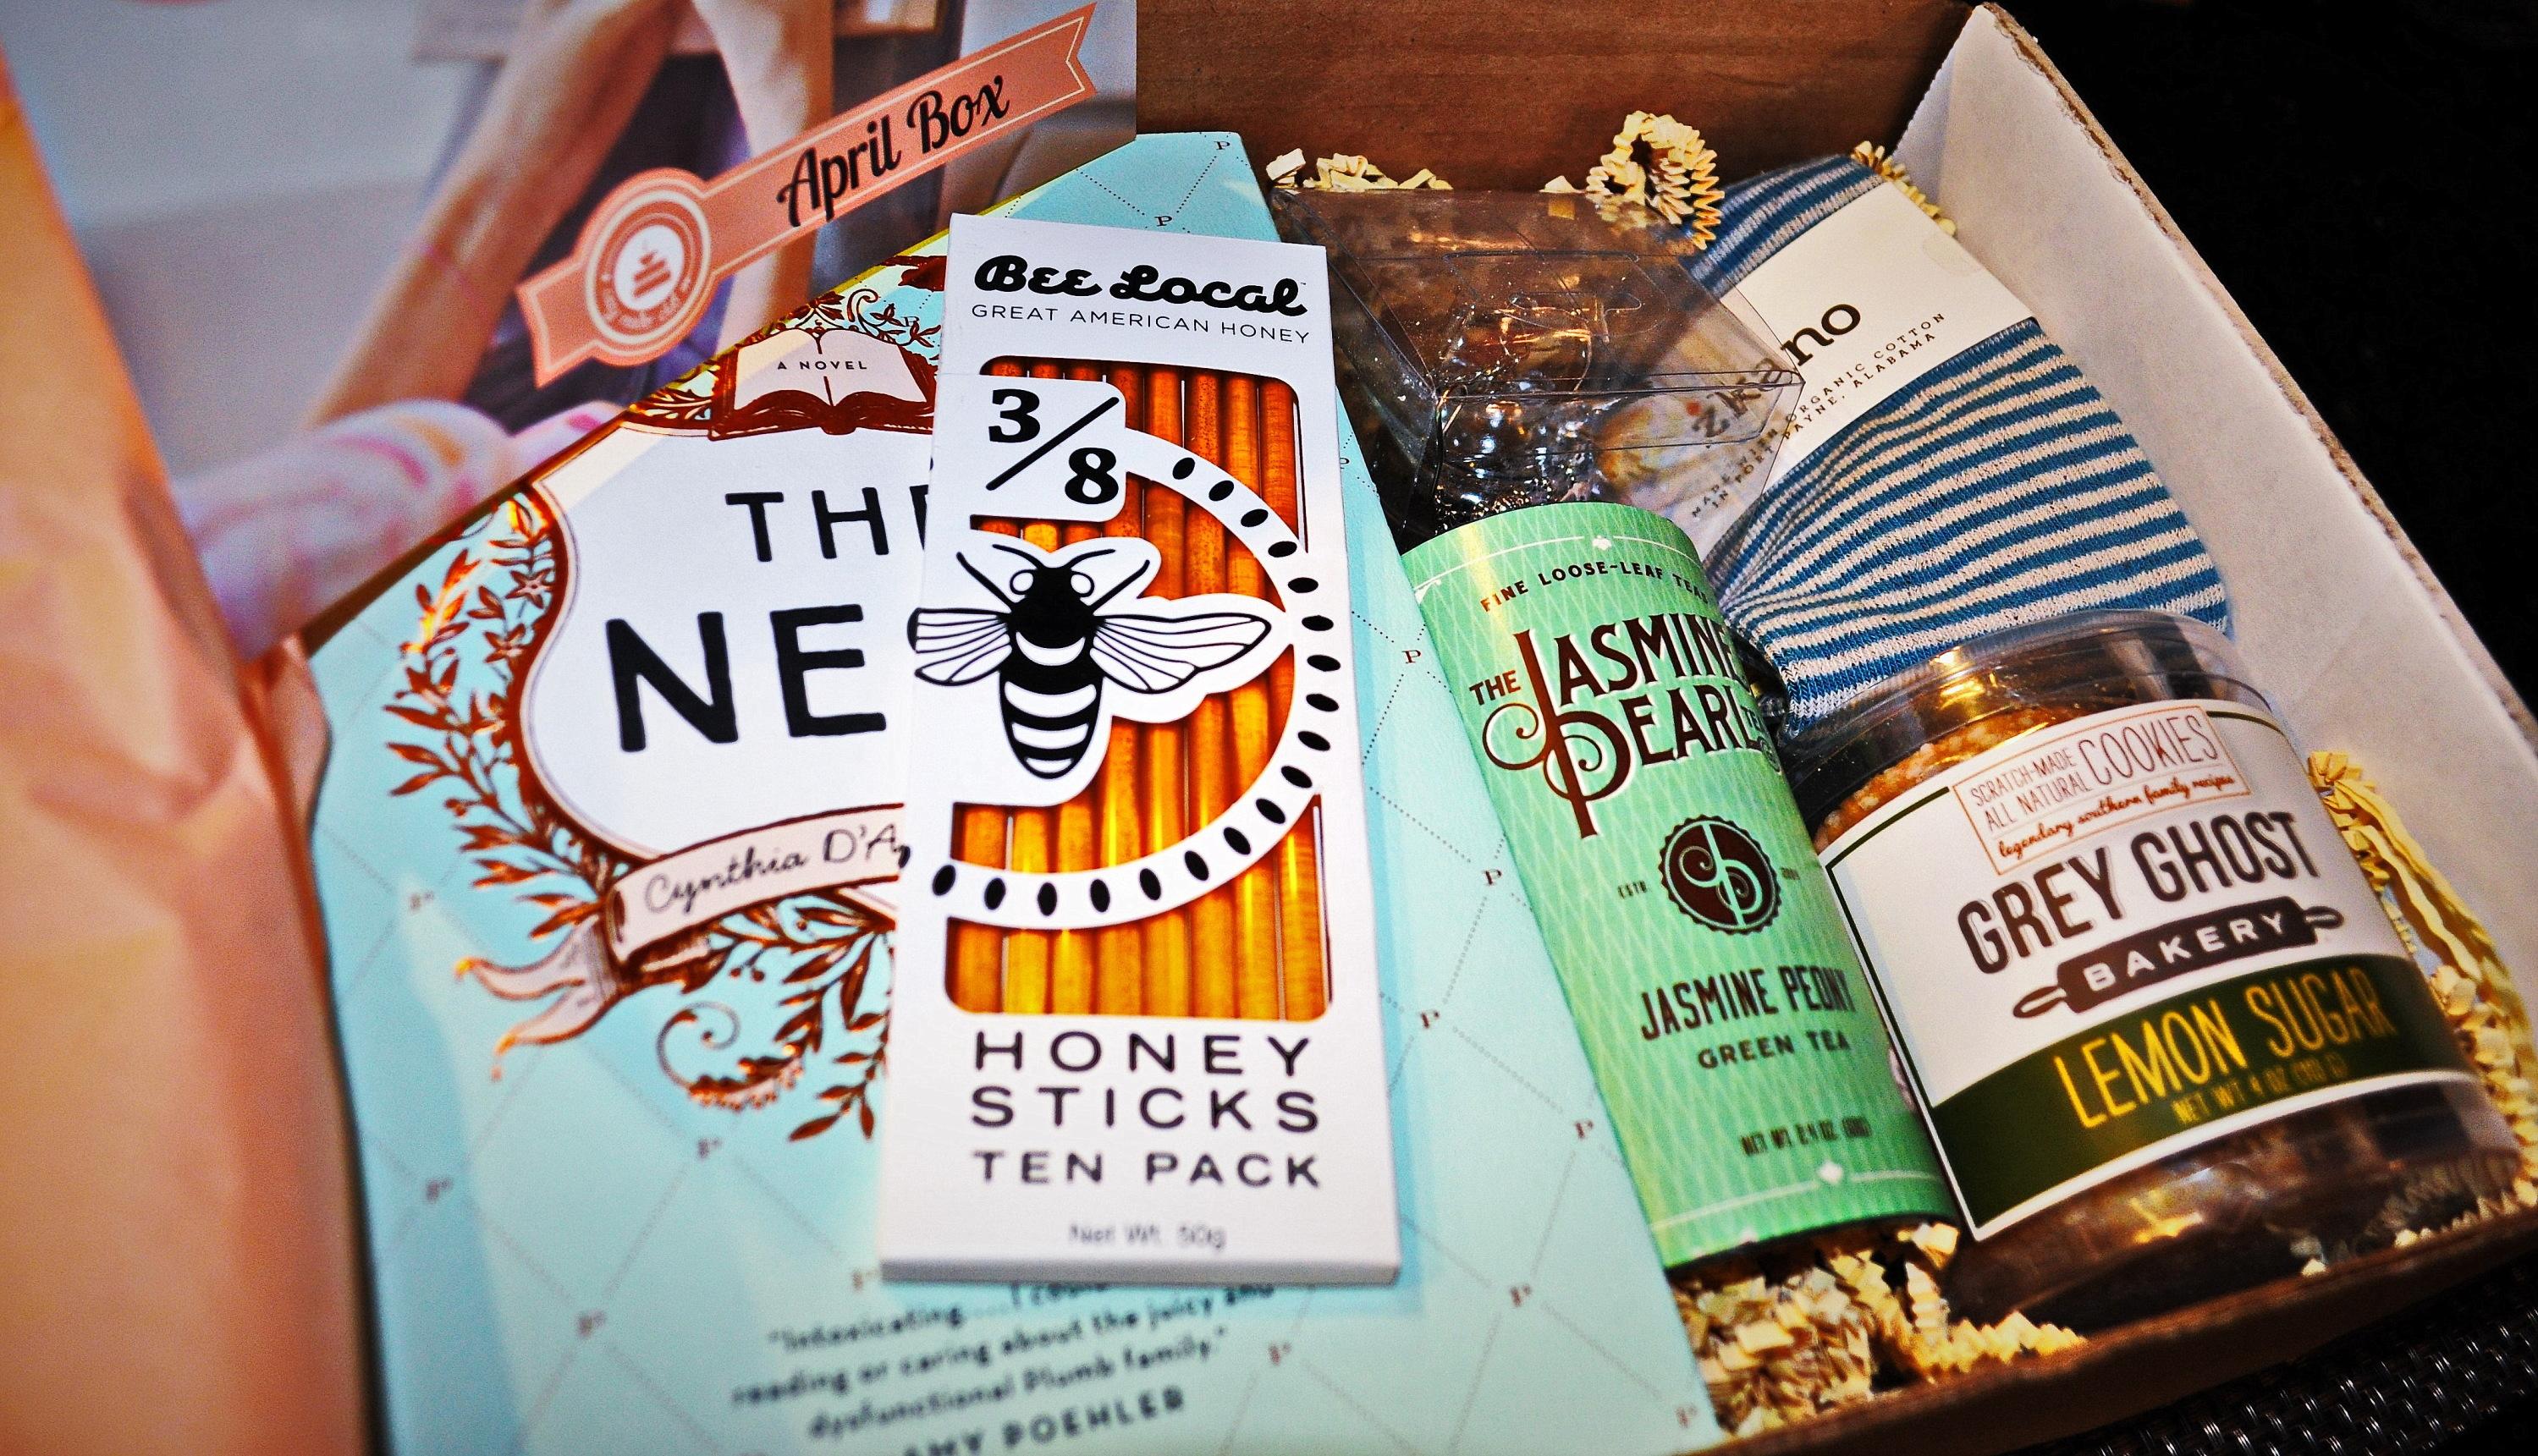 Cozy Reader Club April 2016 Box Contents